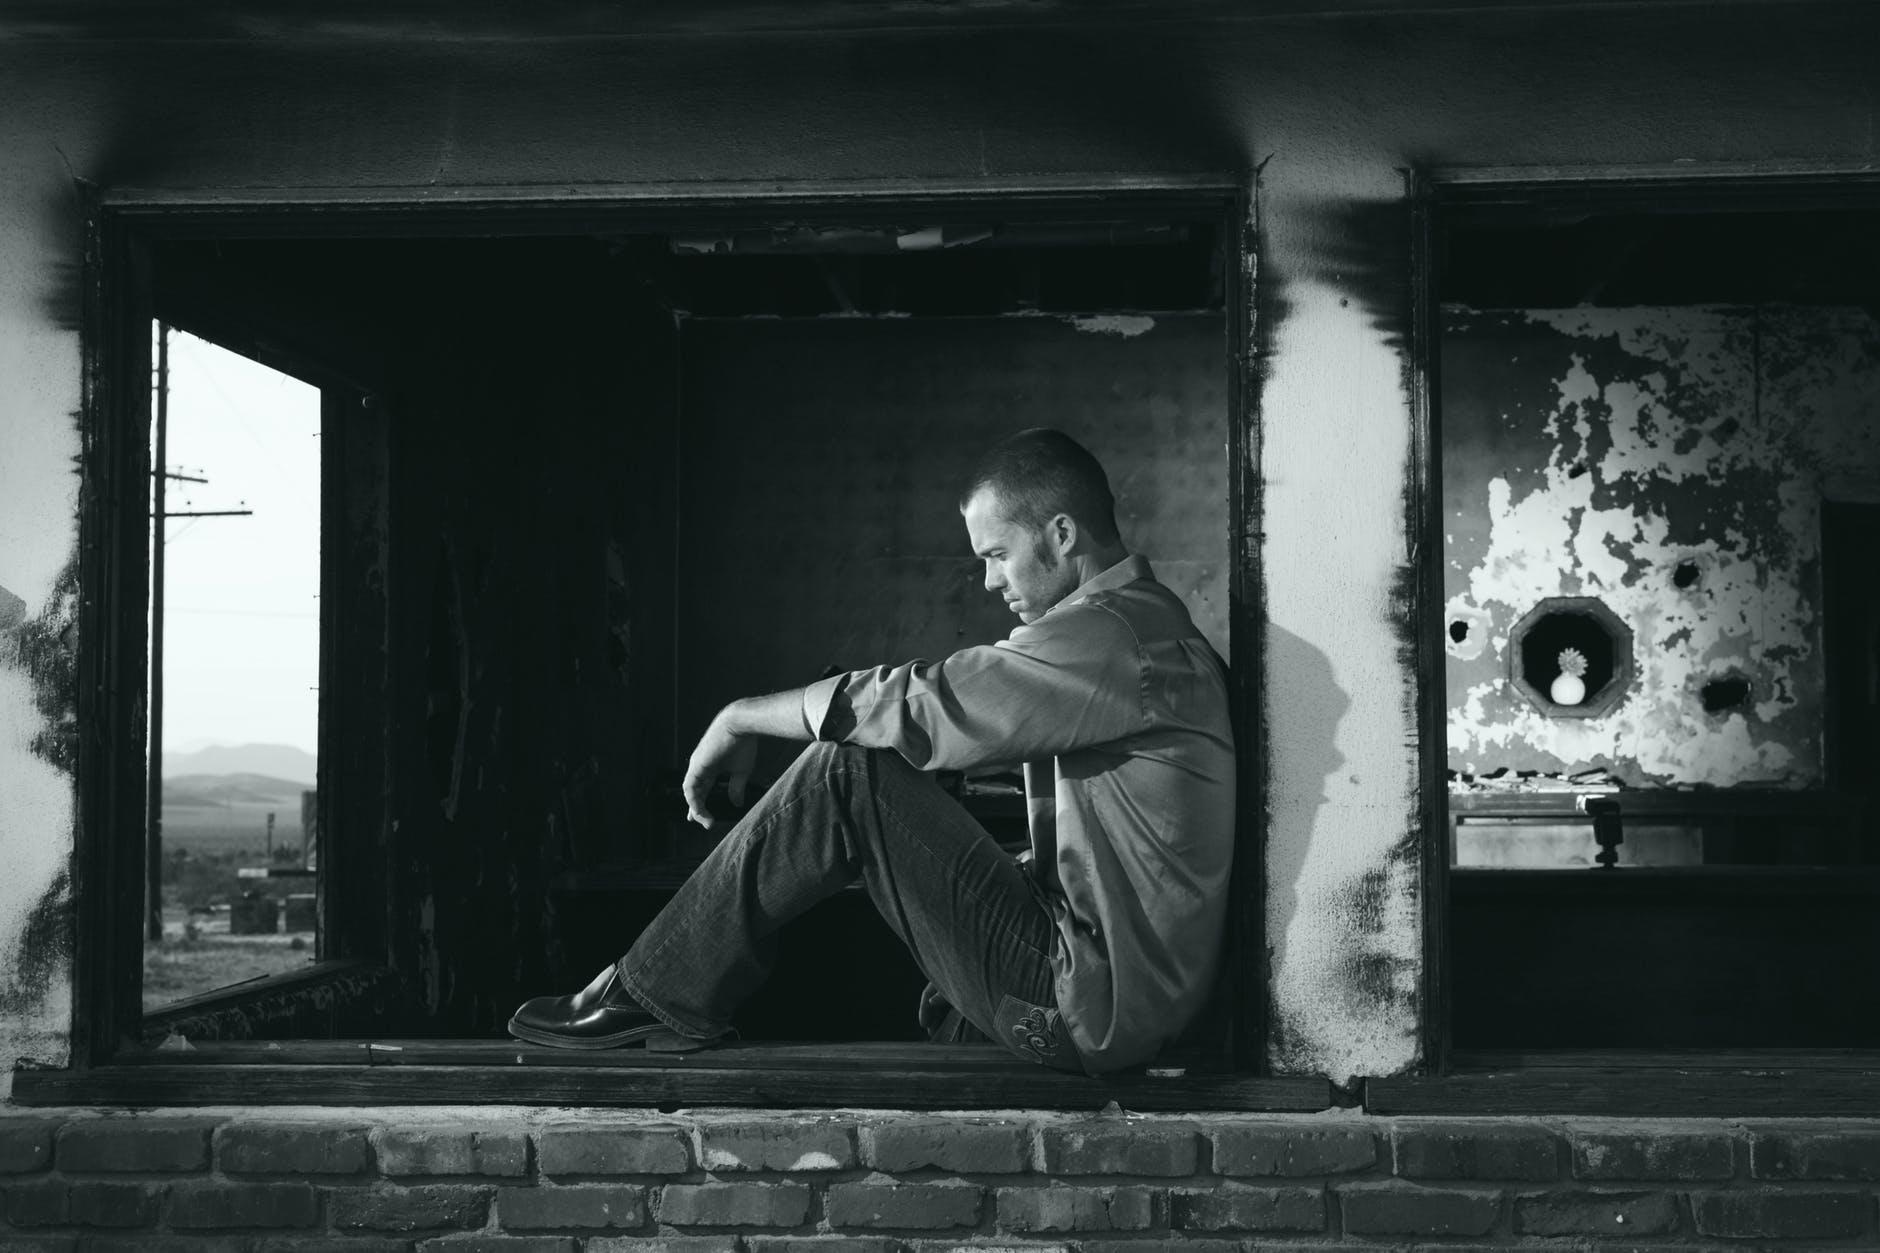 Como se manifesta a depressão masculina